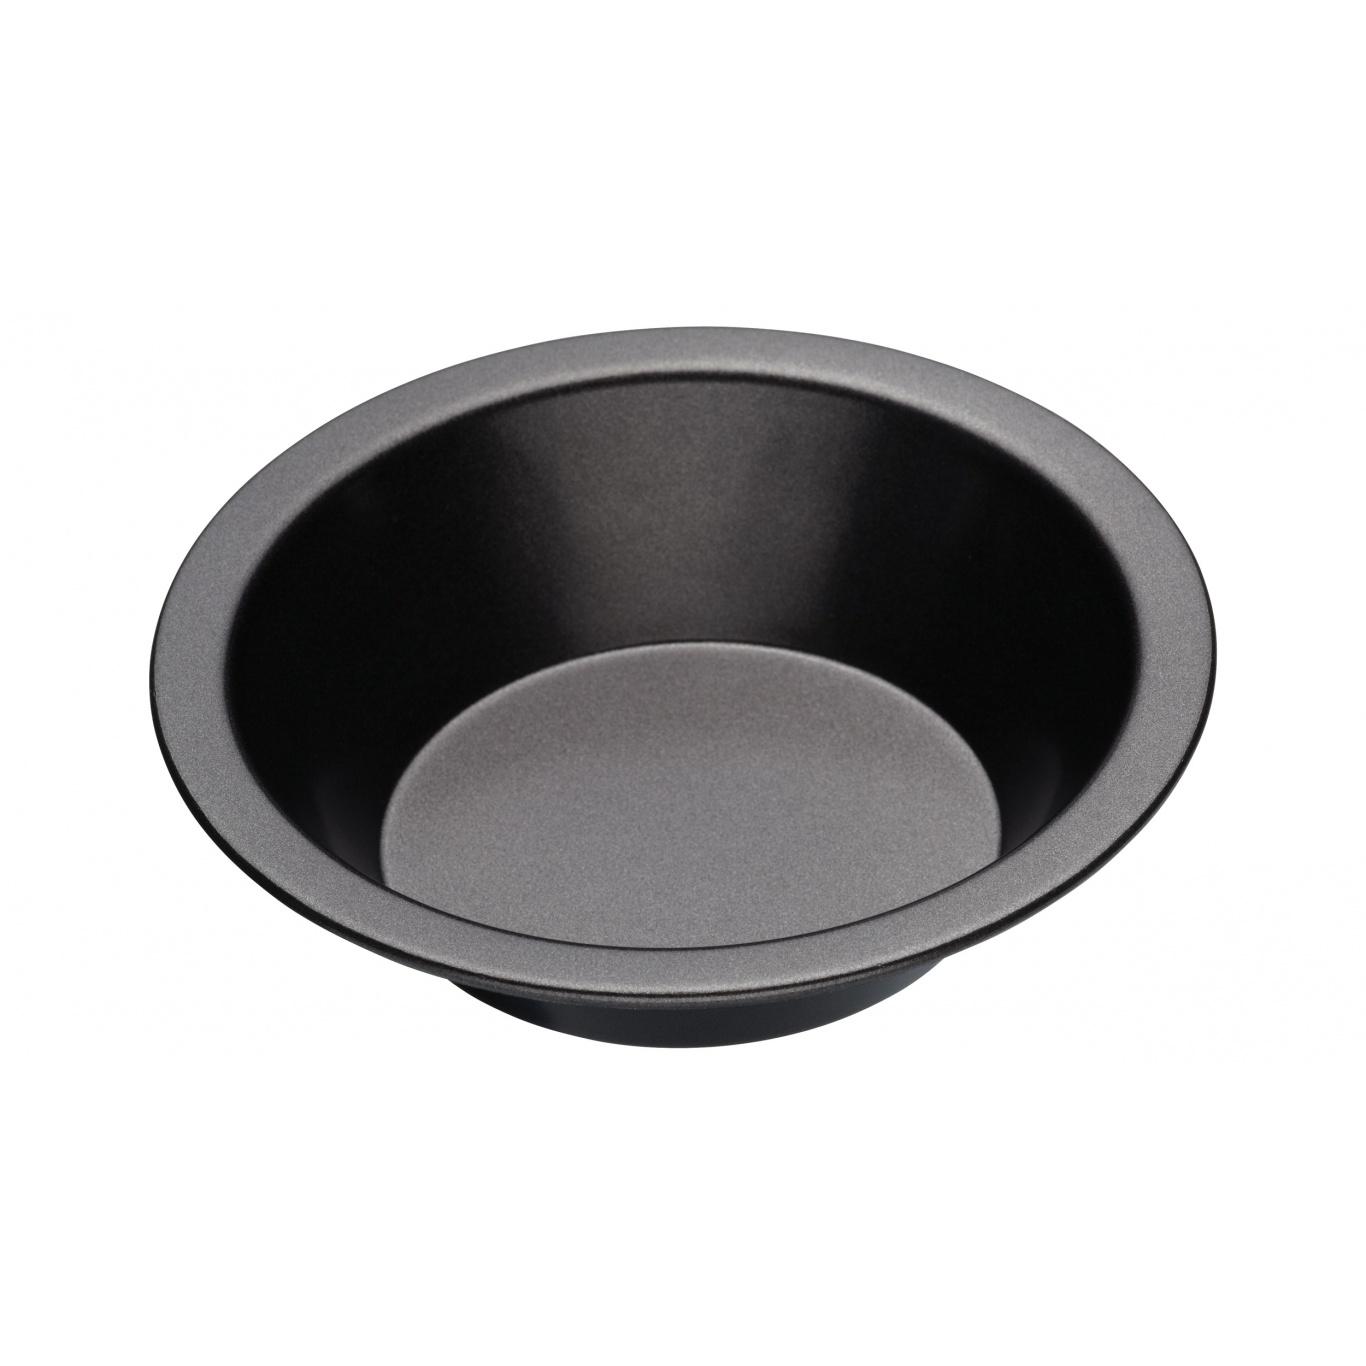 Image of Individual Round Pie Dish 10cm Non Stick